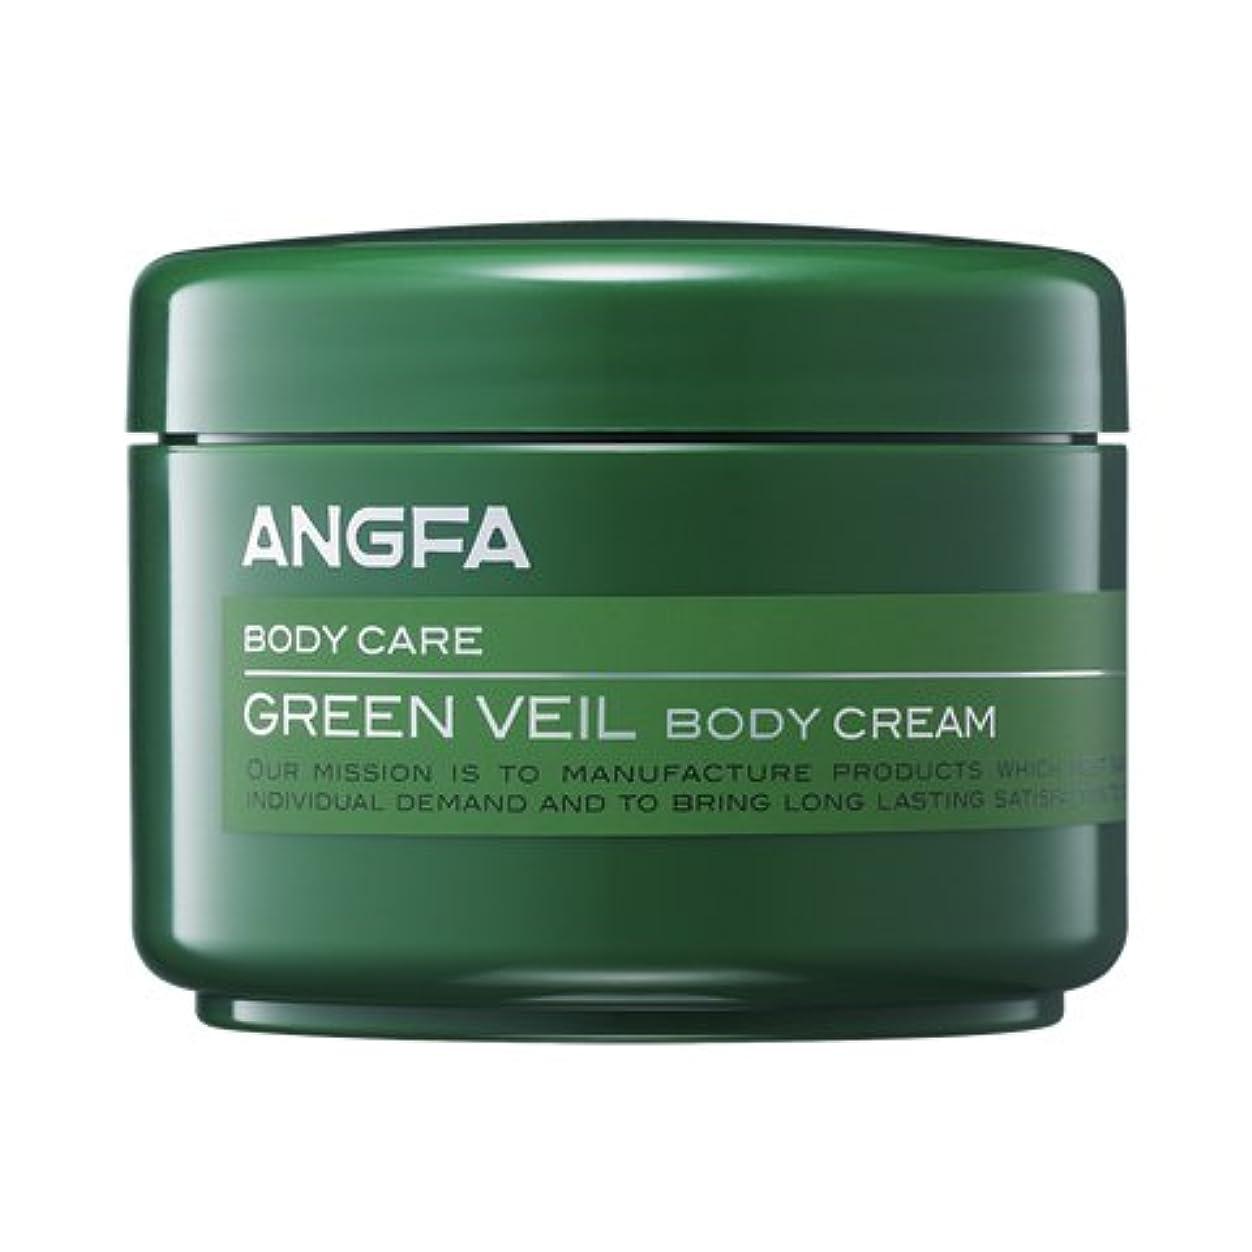 性格グリース実証するアンファー (ANGFA) グリーンベール 薬用ボディクリーム 45g グリーンフローラル [乾燥?保湿] かゆみ肌